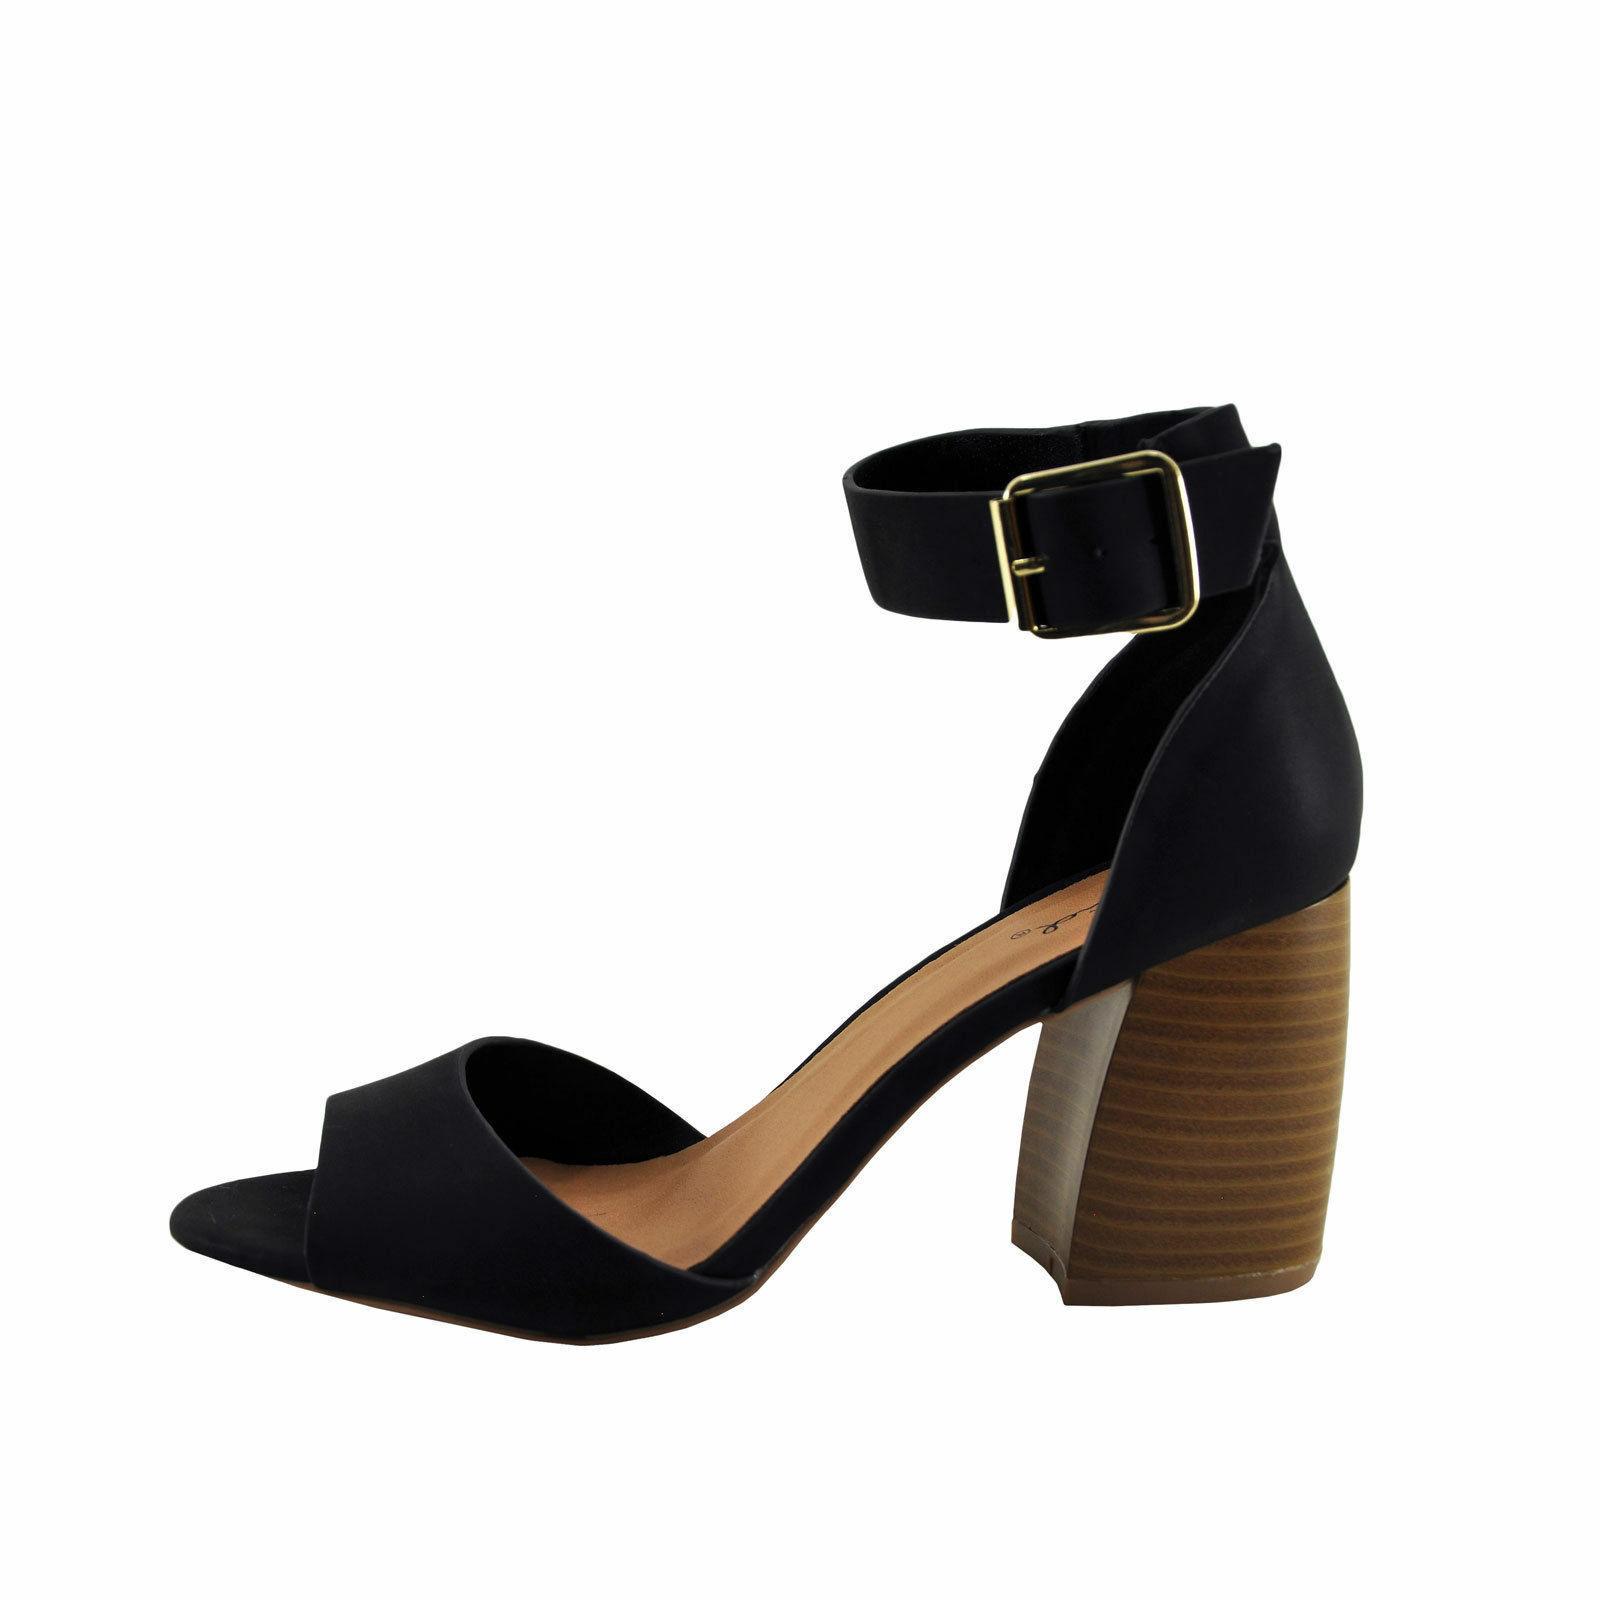 Qupid Beau08 Black Women's Open Toe Ankle Strap Block Heel - $31.95